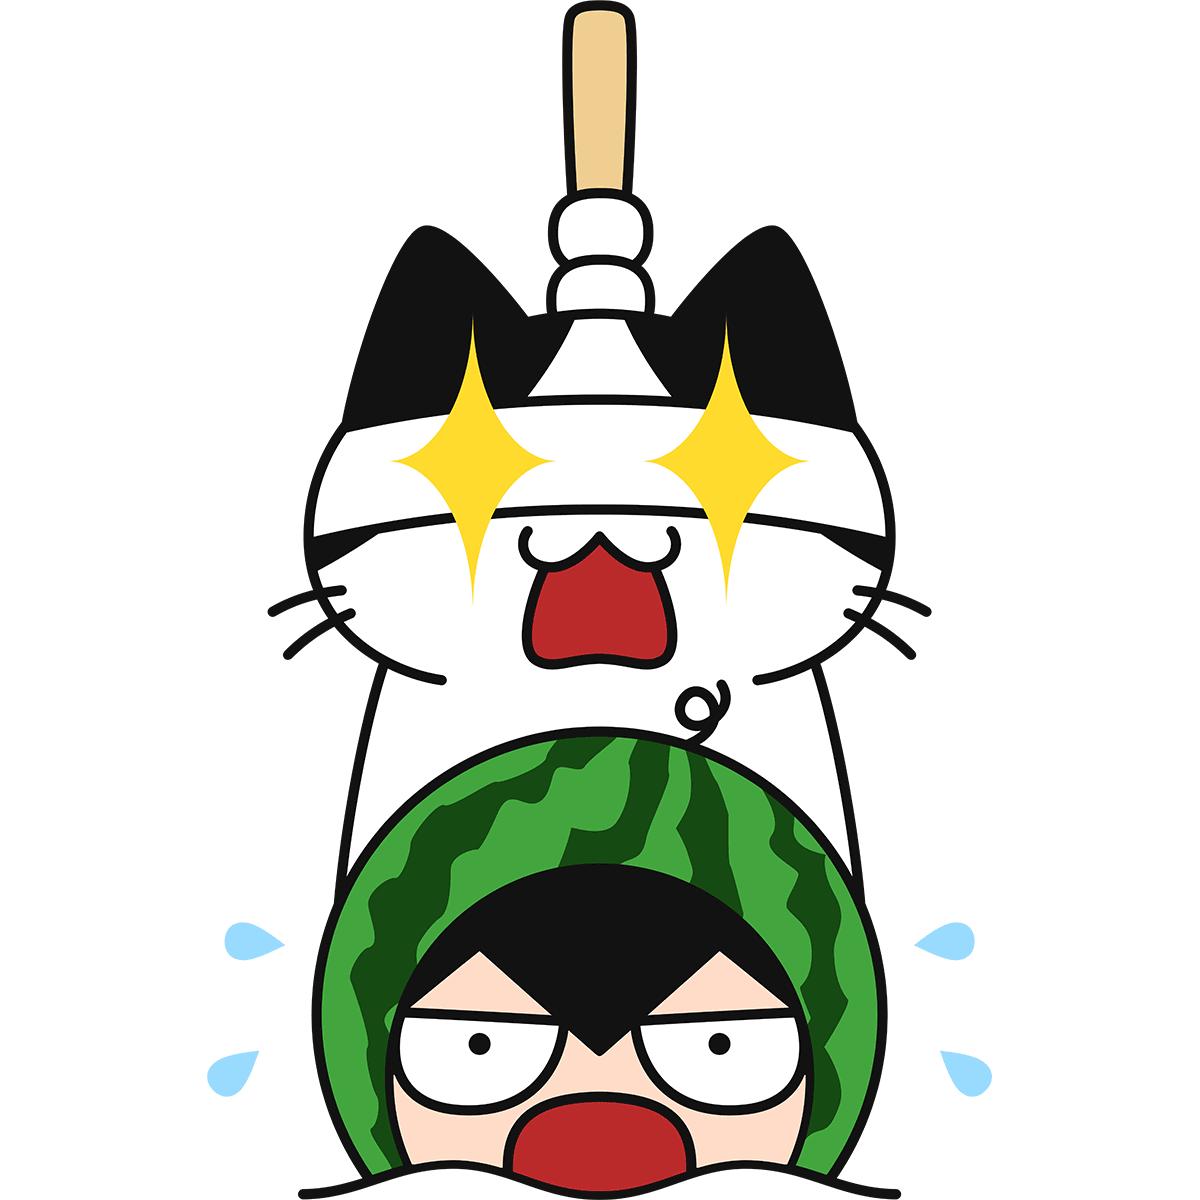 危険なスイカ割りする猫の無料イラスト